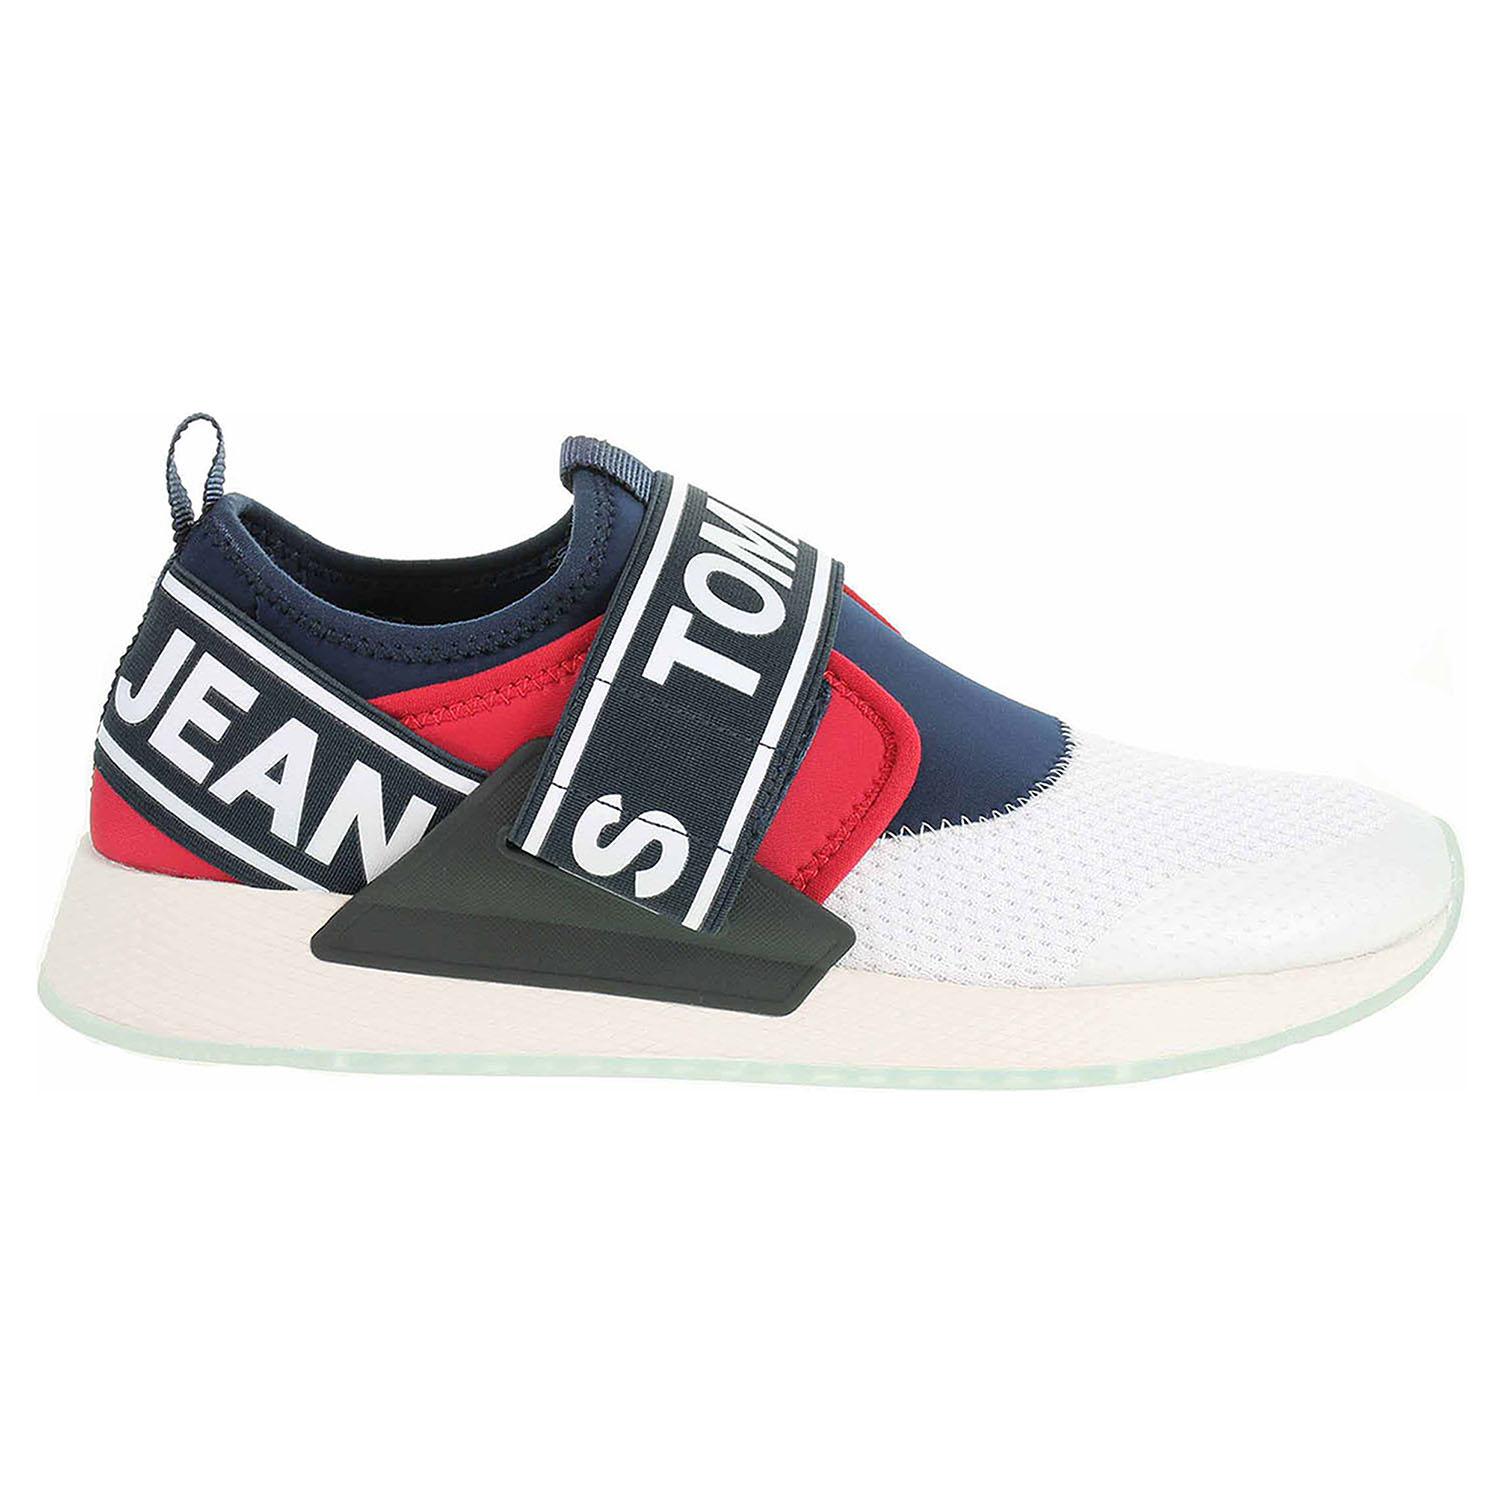 Ecco Tommy Hilfiger pánská obuv EM0EM00220 020 rwb 24000518 f93daefe472